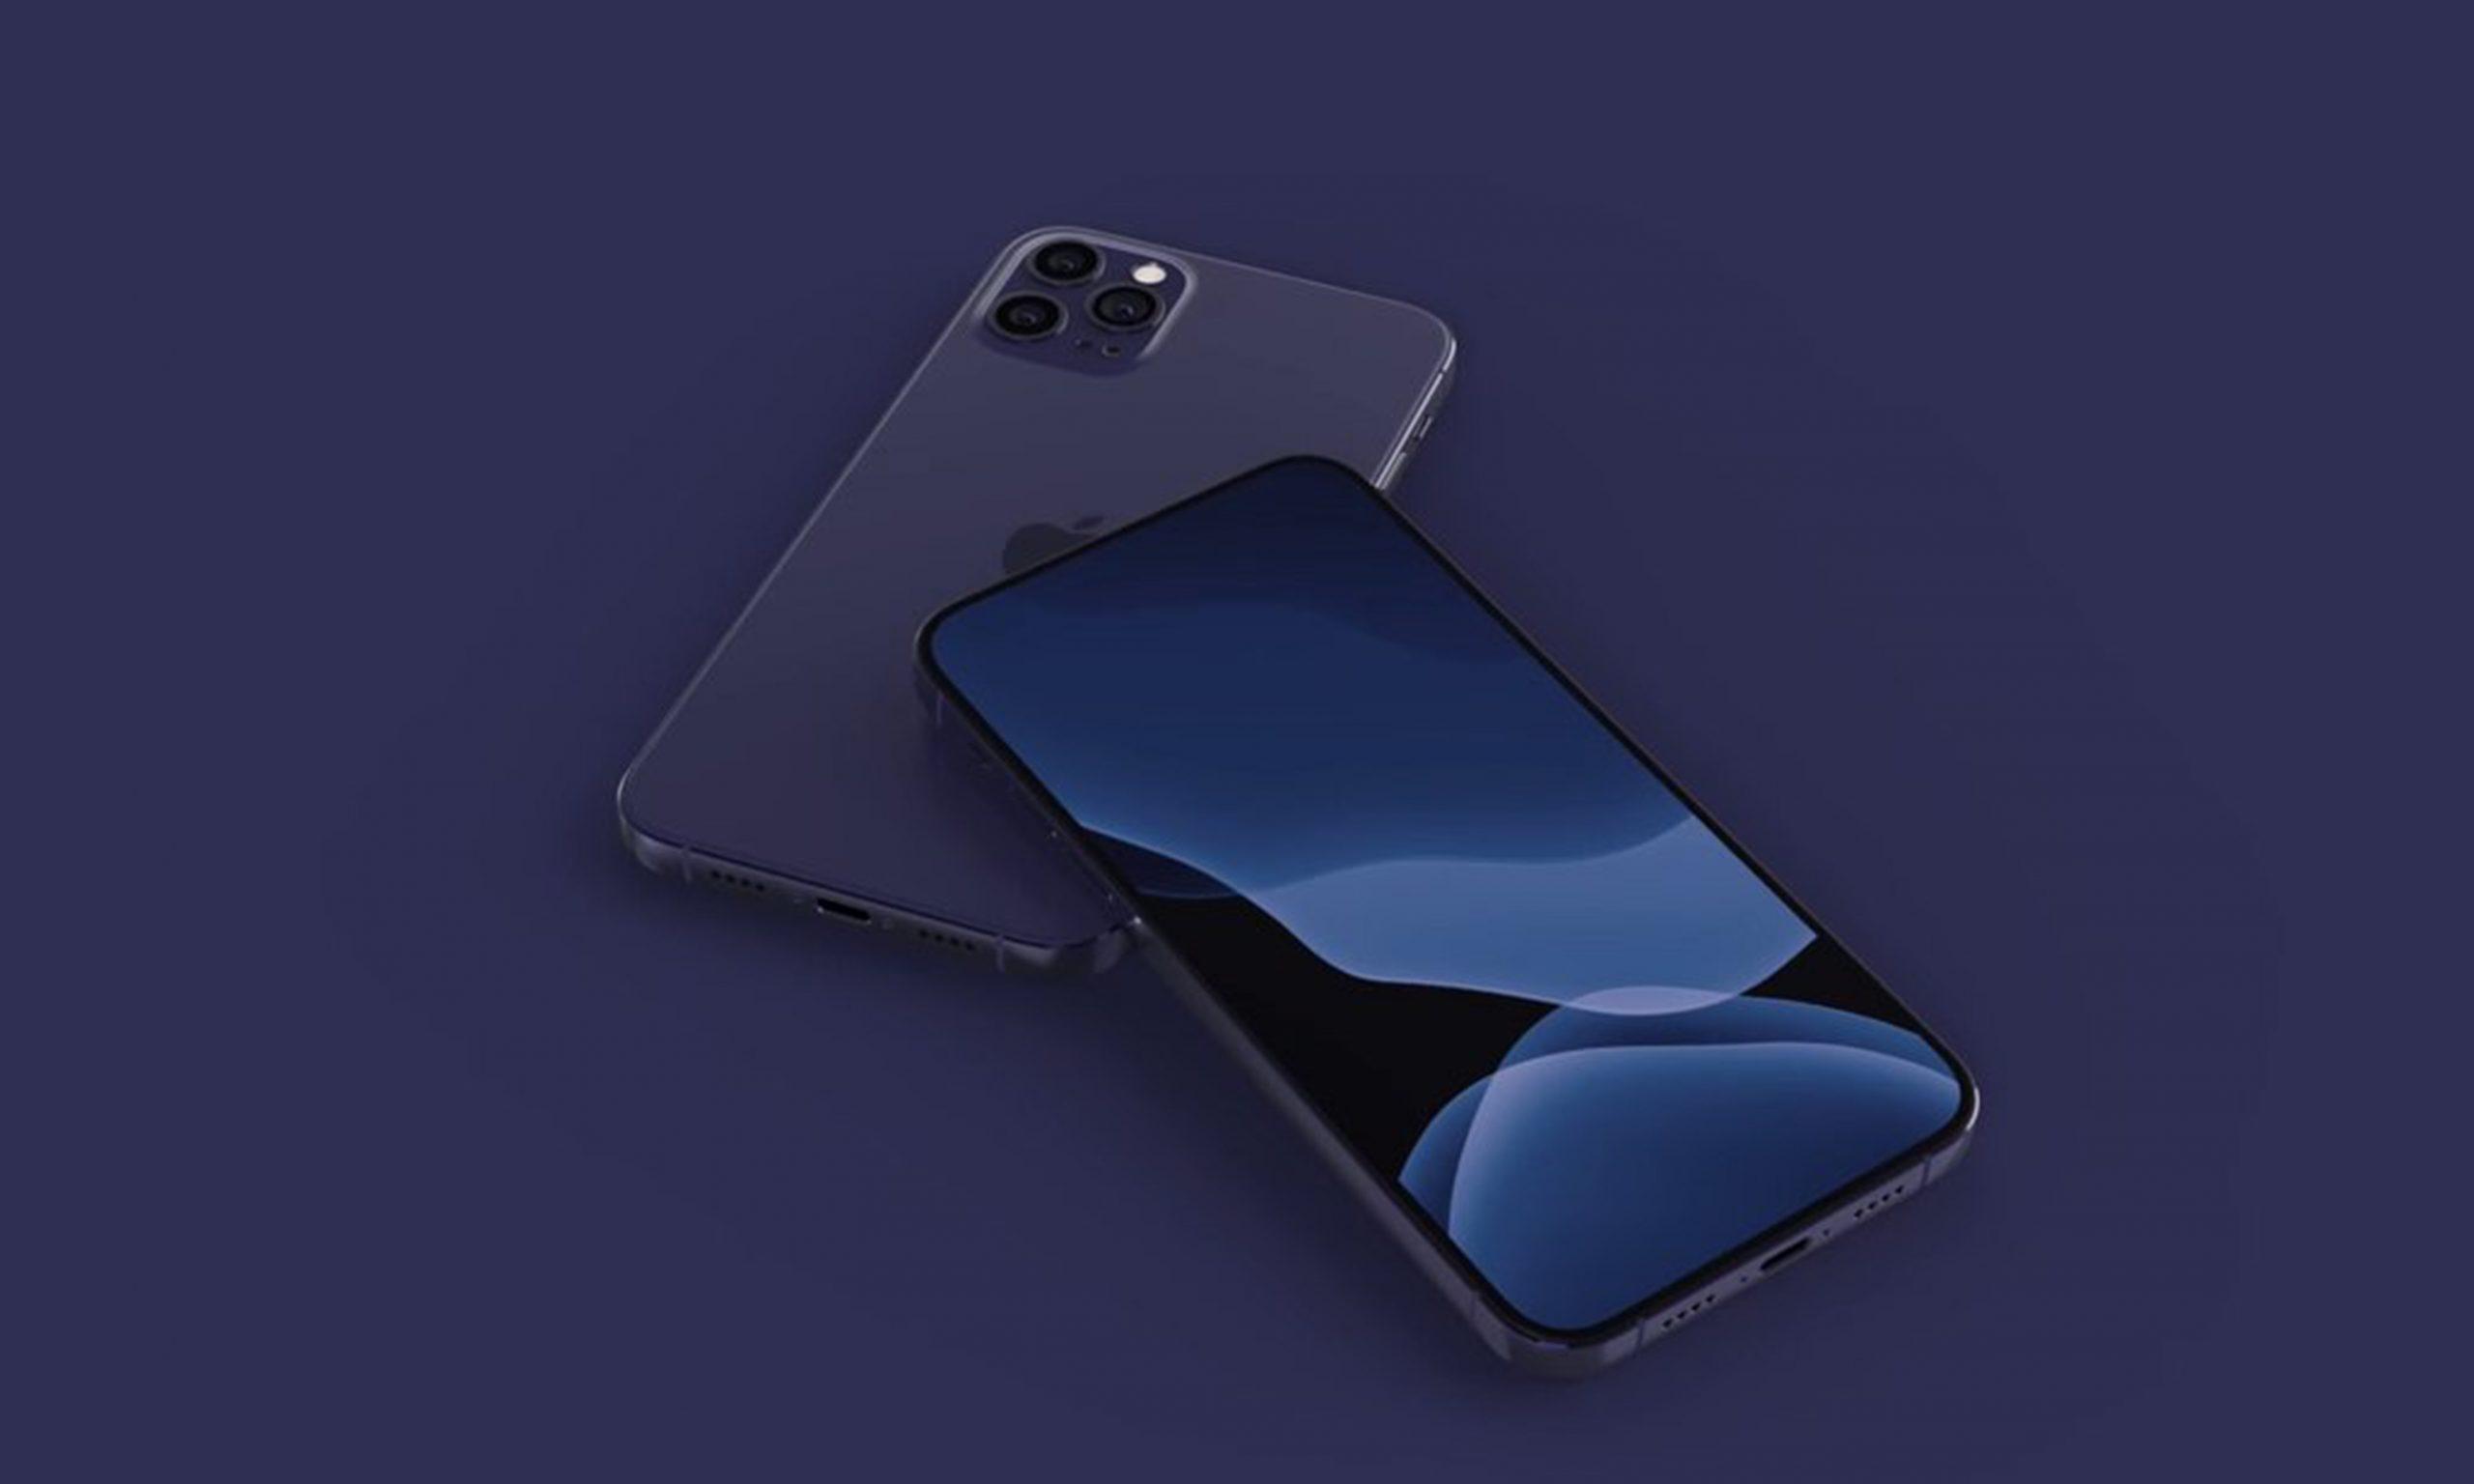 iPhone12 或将推出「Navy Blue 海军蓝」配色